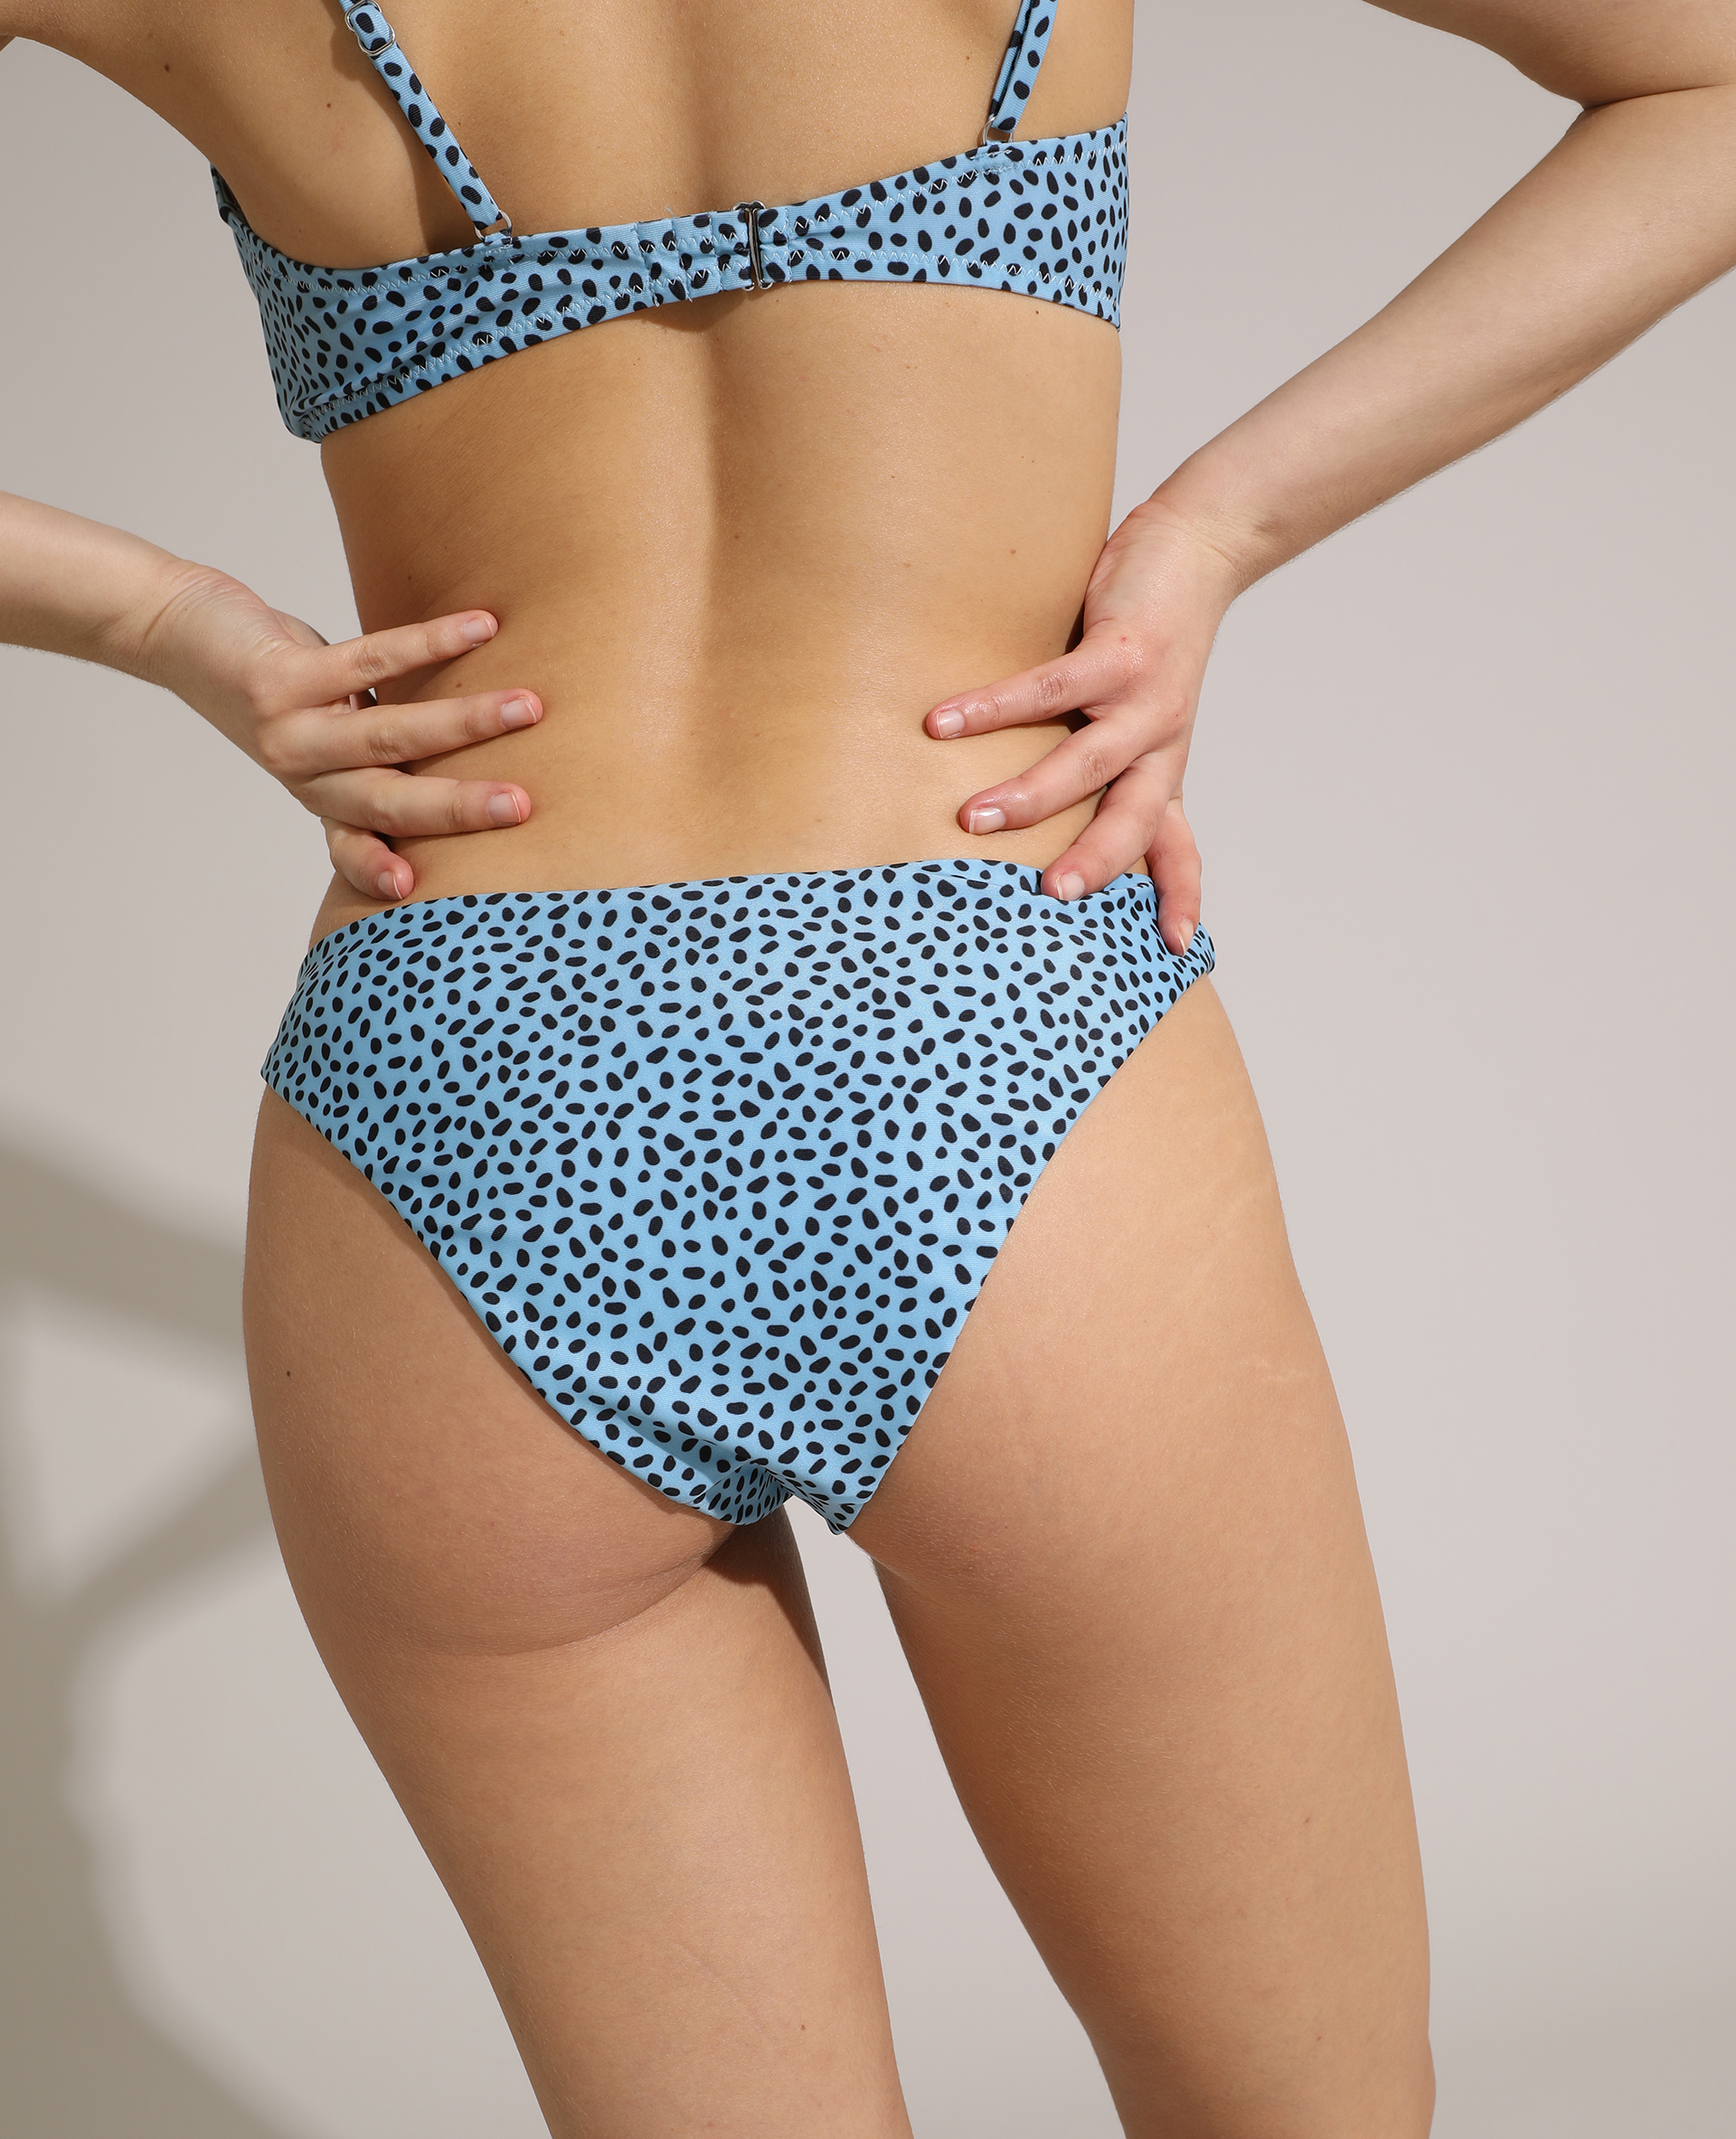 Bas de maillot de bain culotte tacheté bleu clair - Pimkie